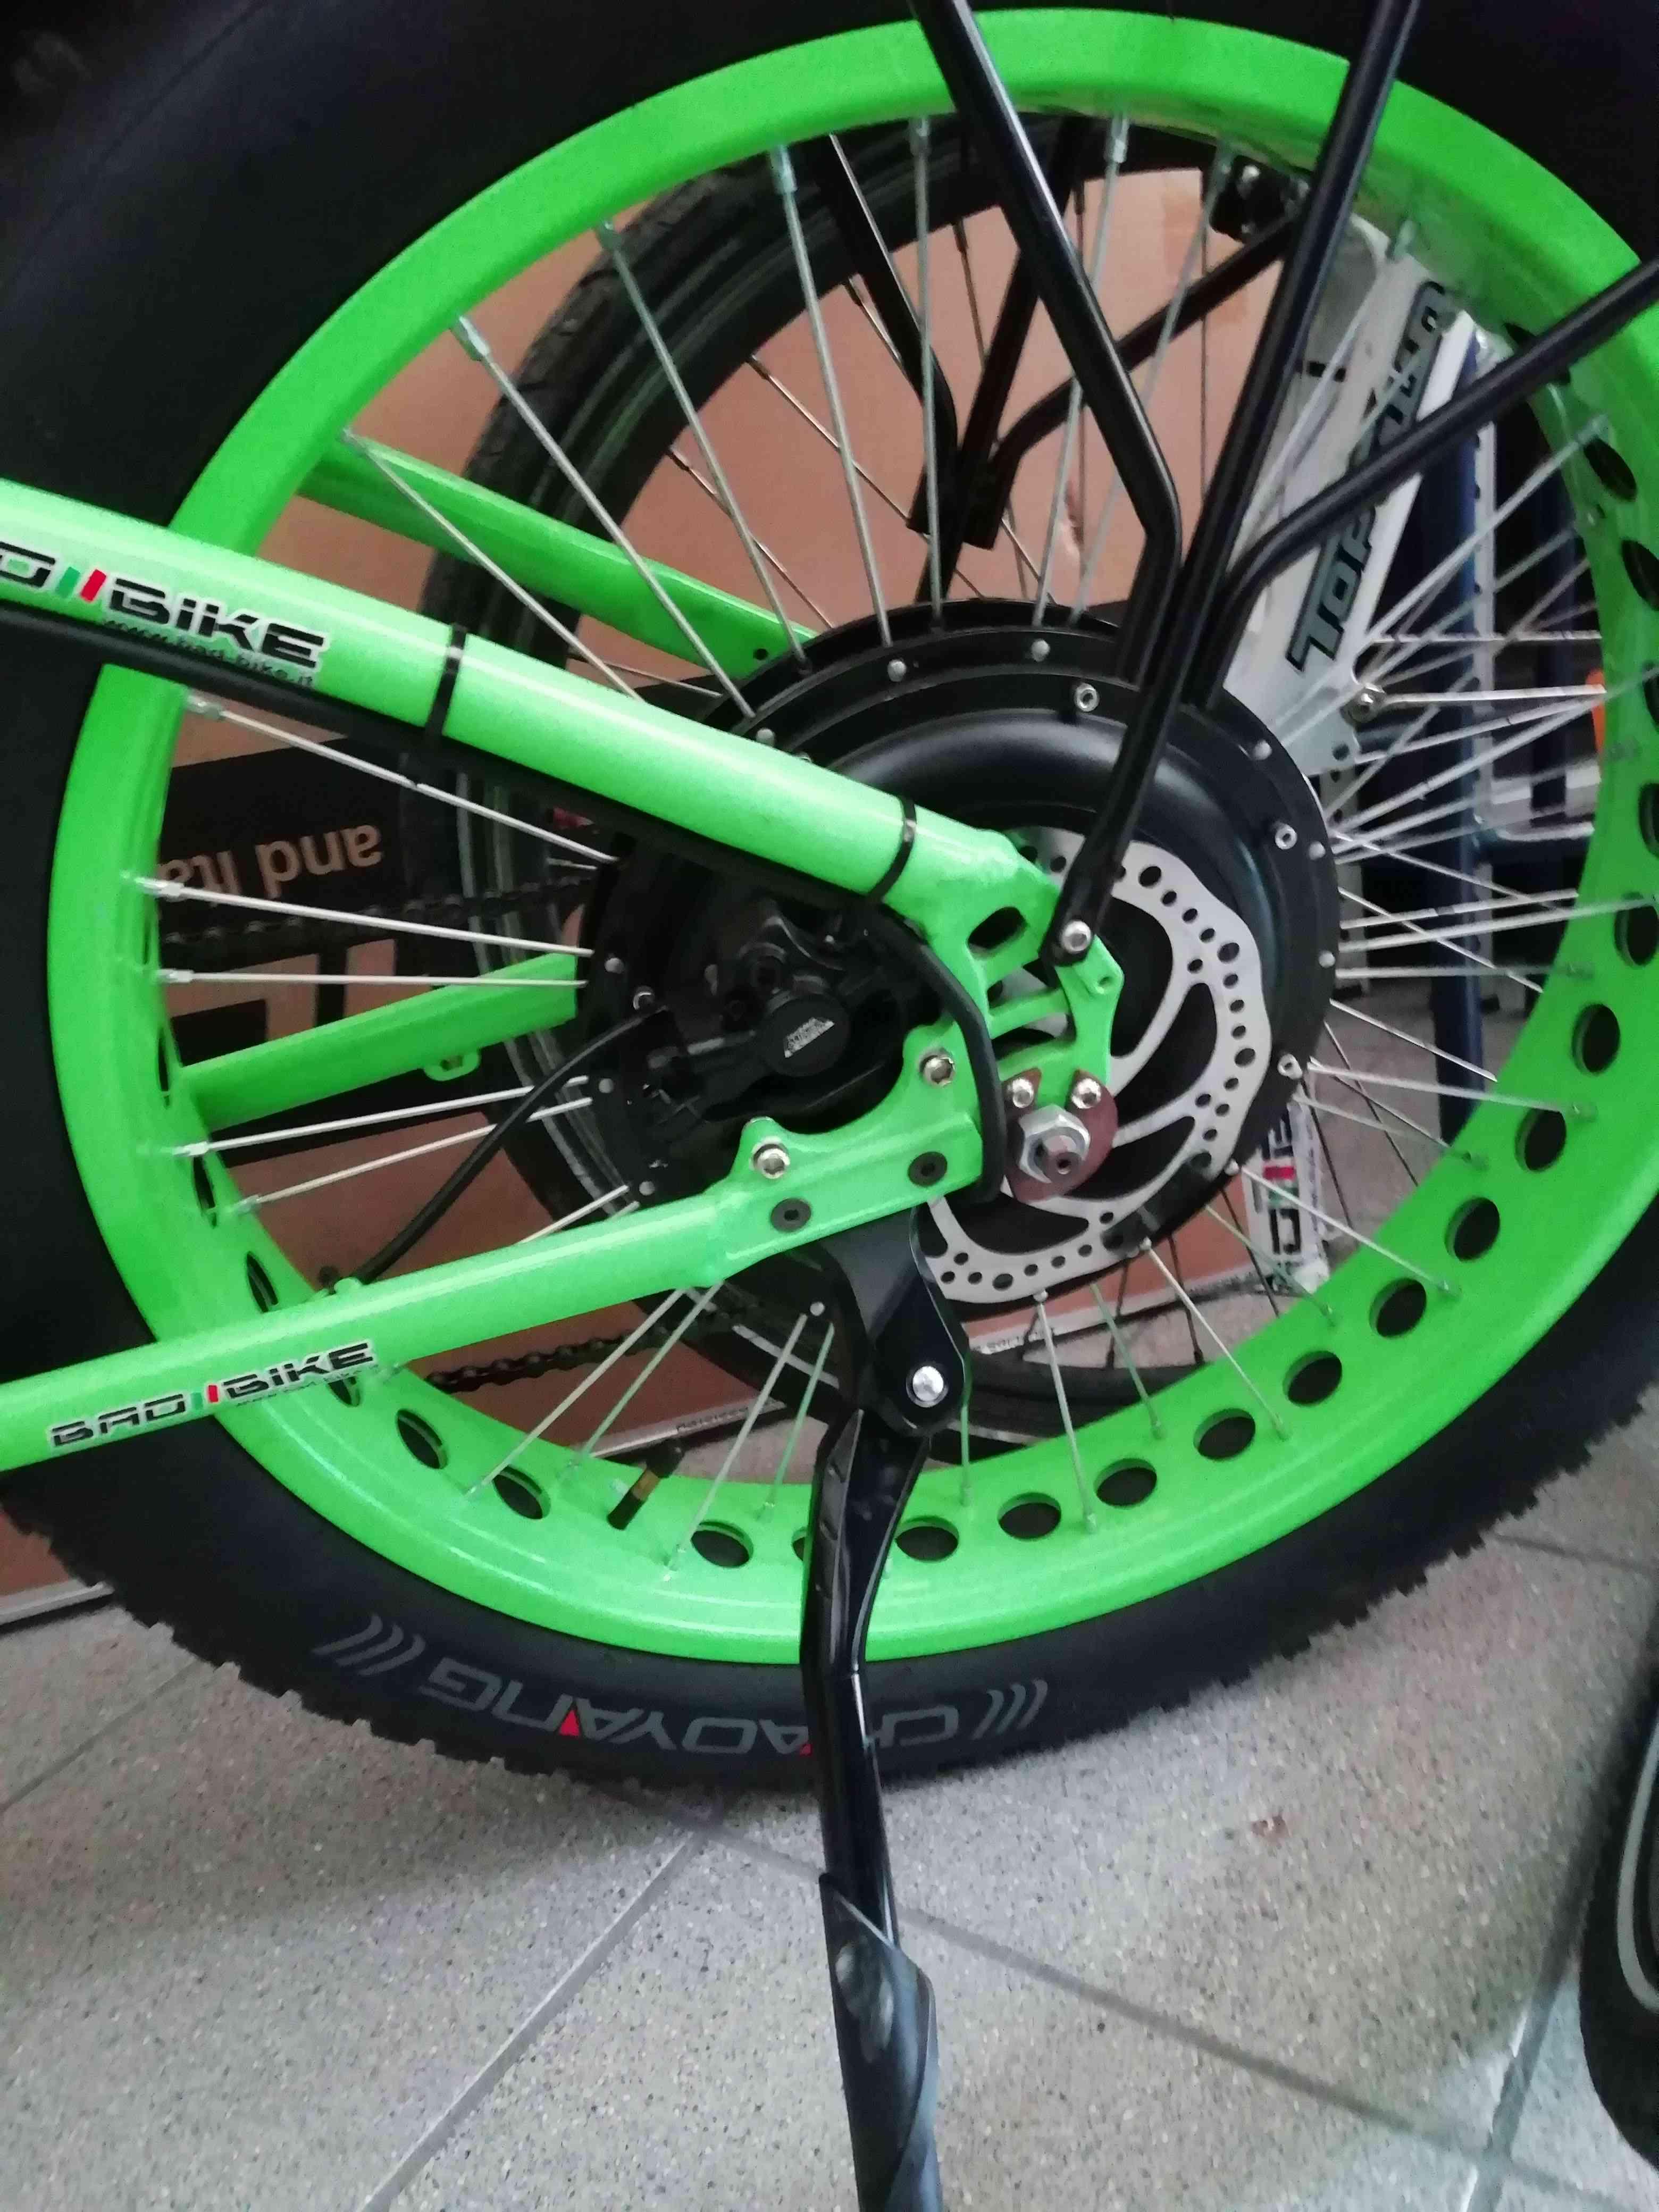 Bad-Bike mod Bigbad